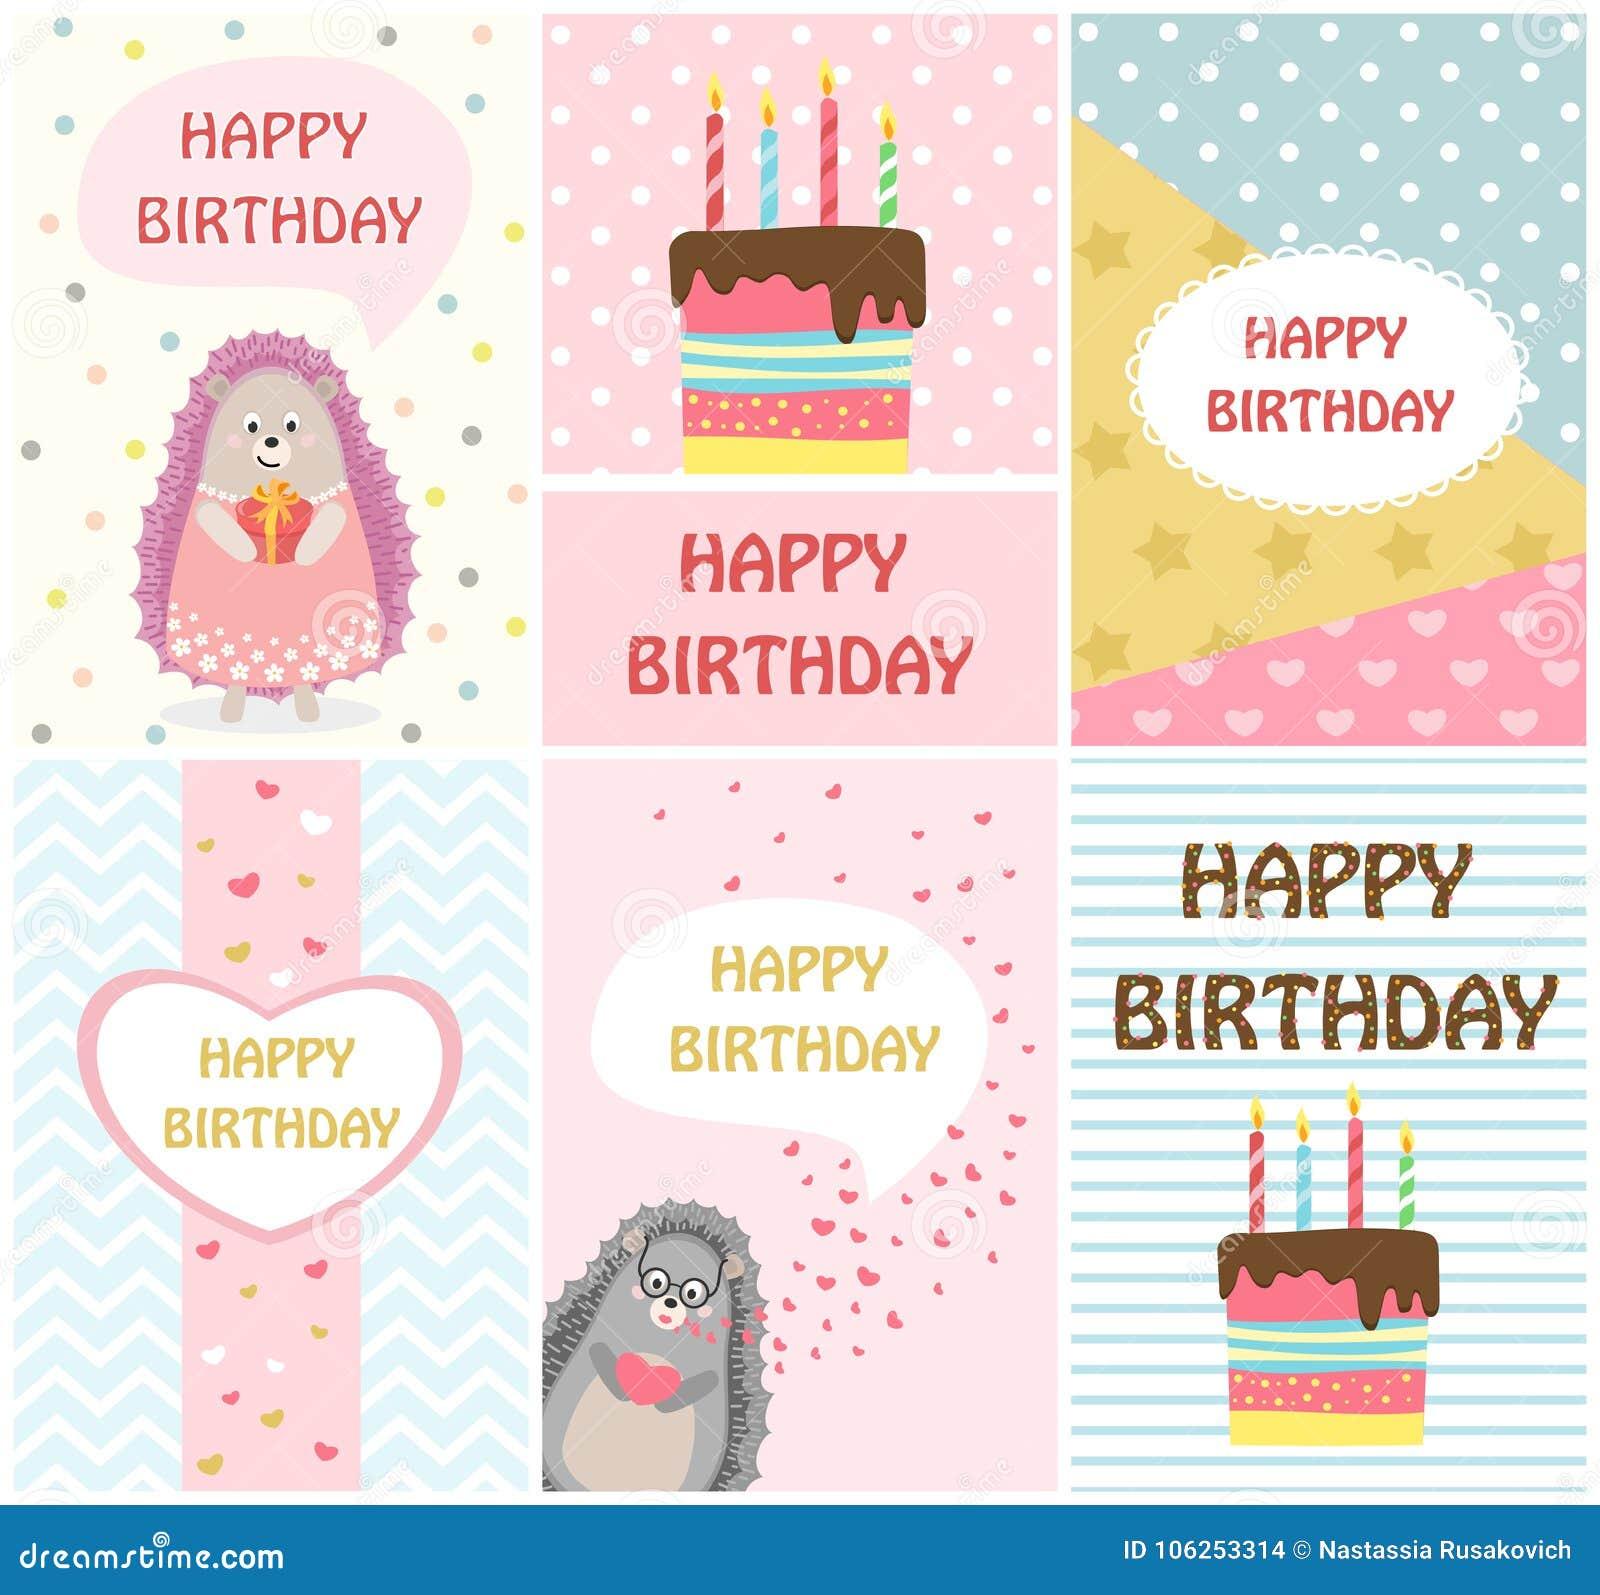 Calibres de cartes de voeux de joyeux anniversaire et invitations de partie pour les enfants, ensemble de cartes postales